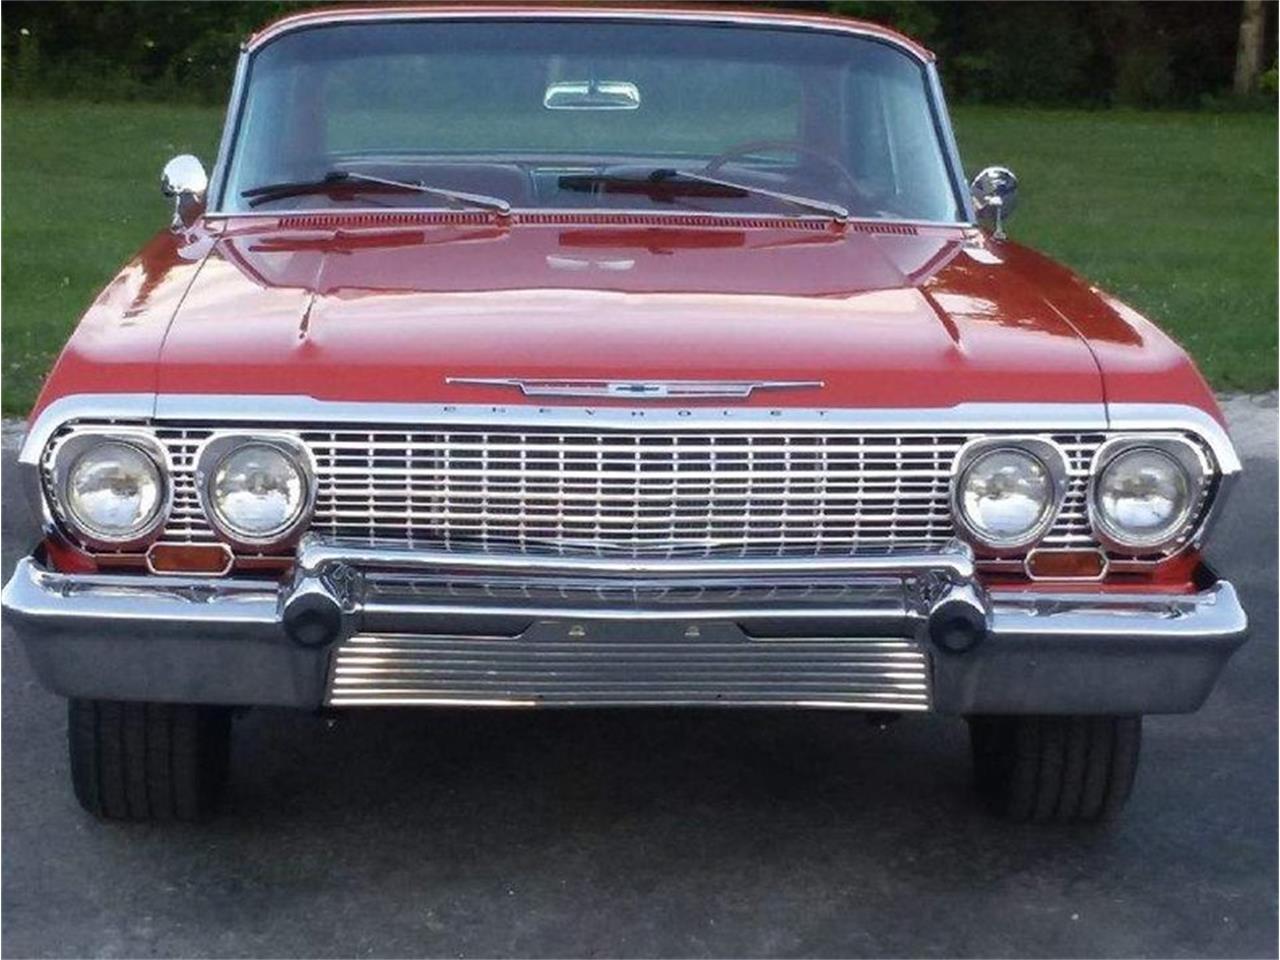 1963 Chevrolet Impala (CC-1318010) for sale in Greensboro, North Carolina